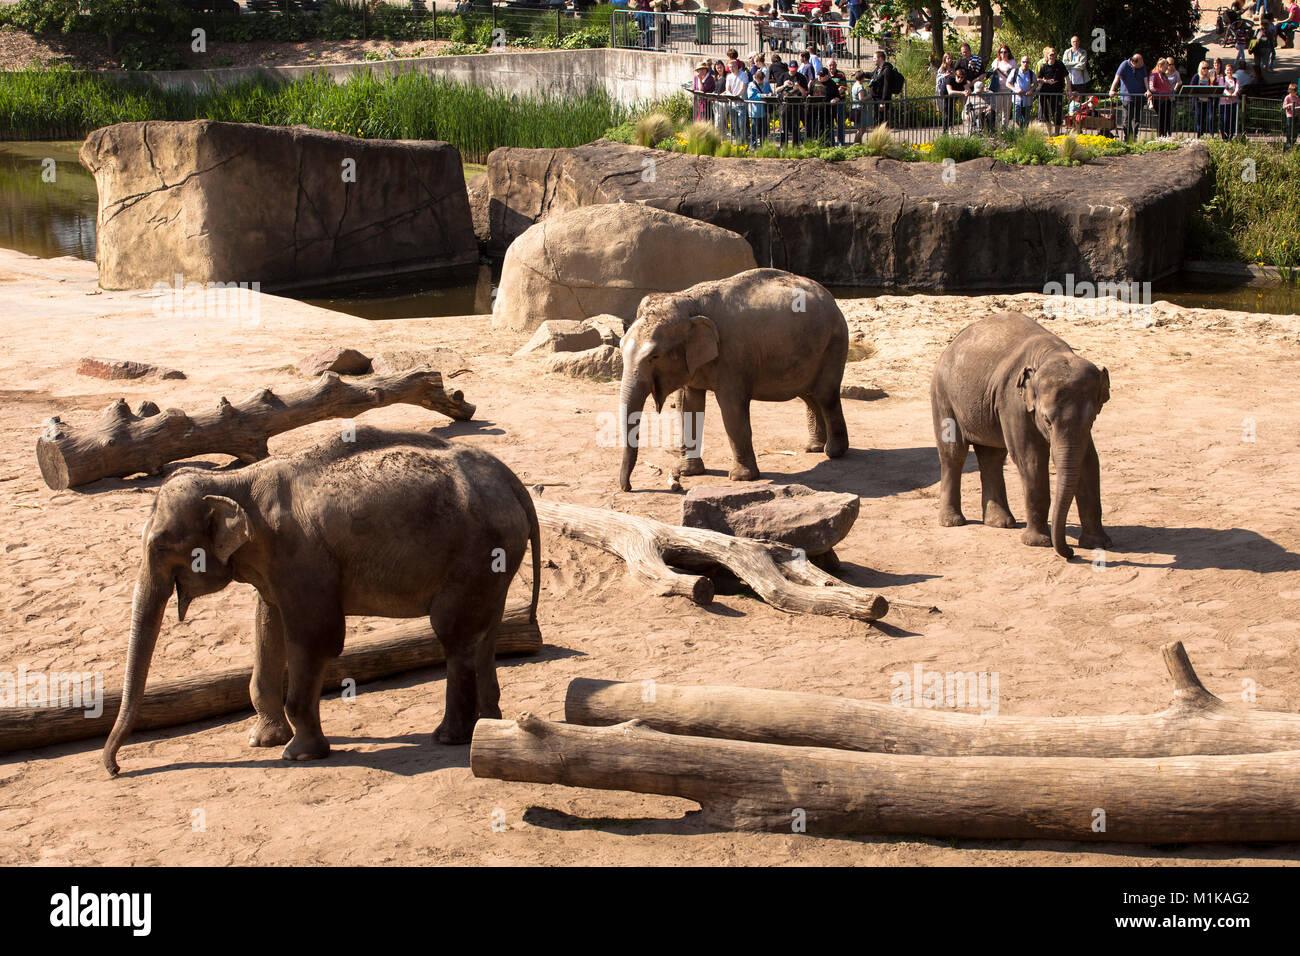 see elefanten stock photos see elefanten stock images. Black Bedroom Furniture Sets. Home Design Ideas